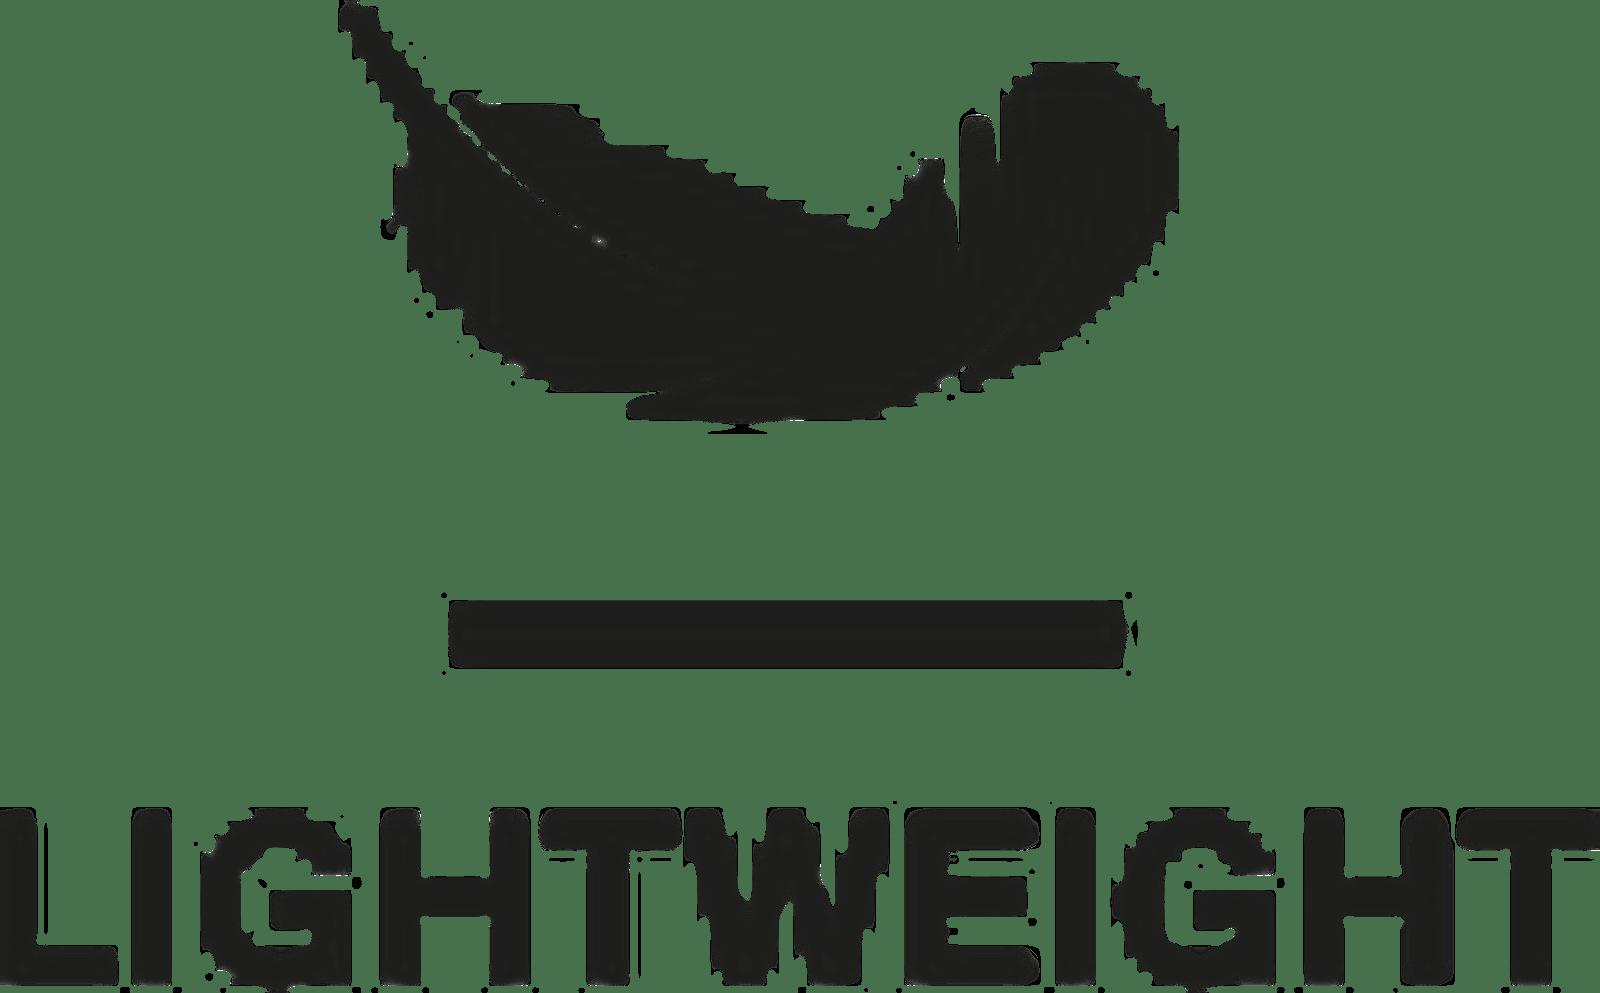 Lightweight certification